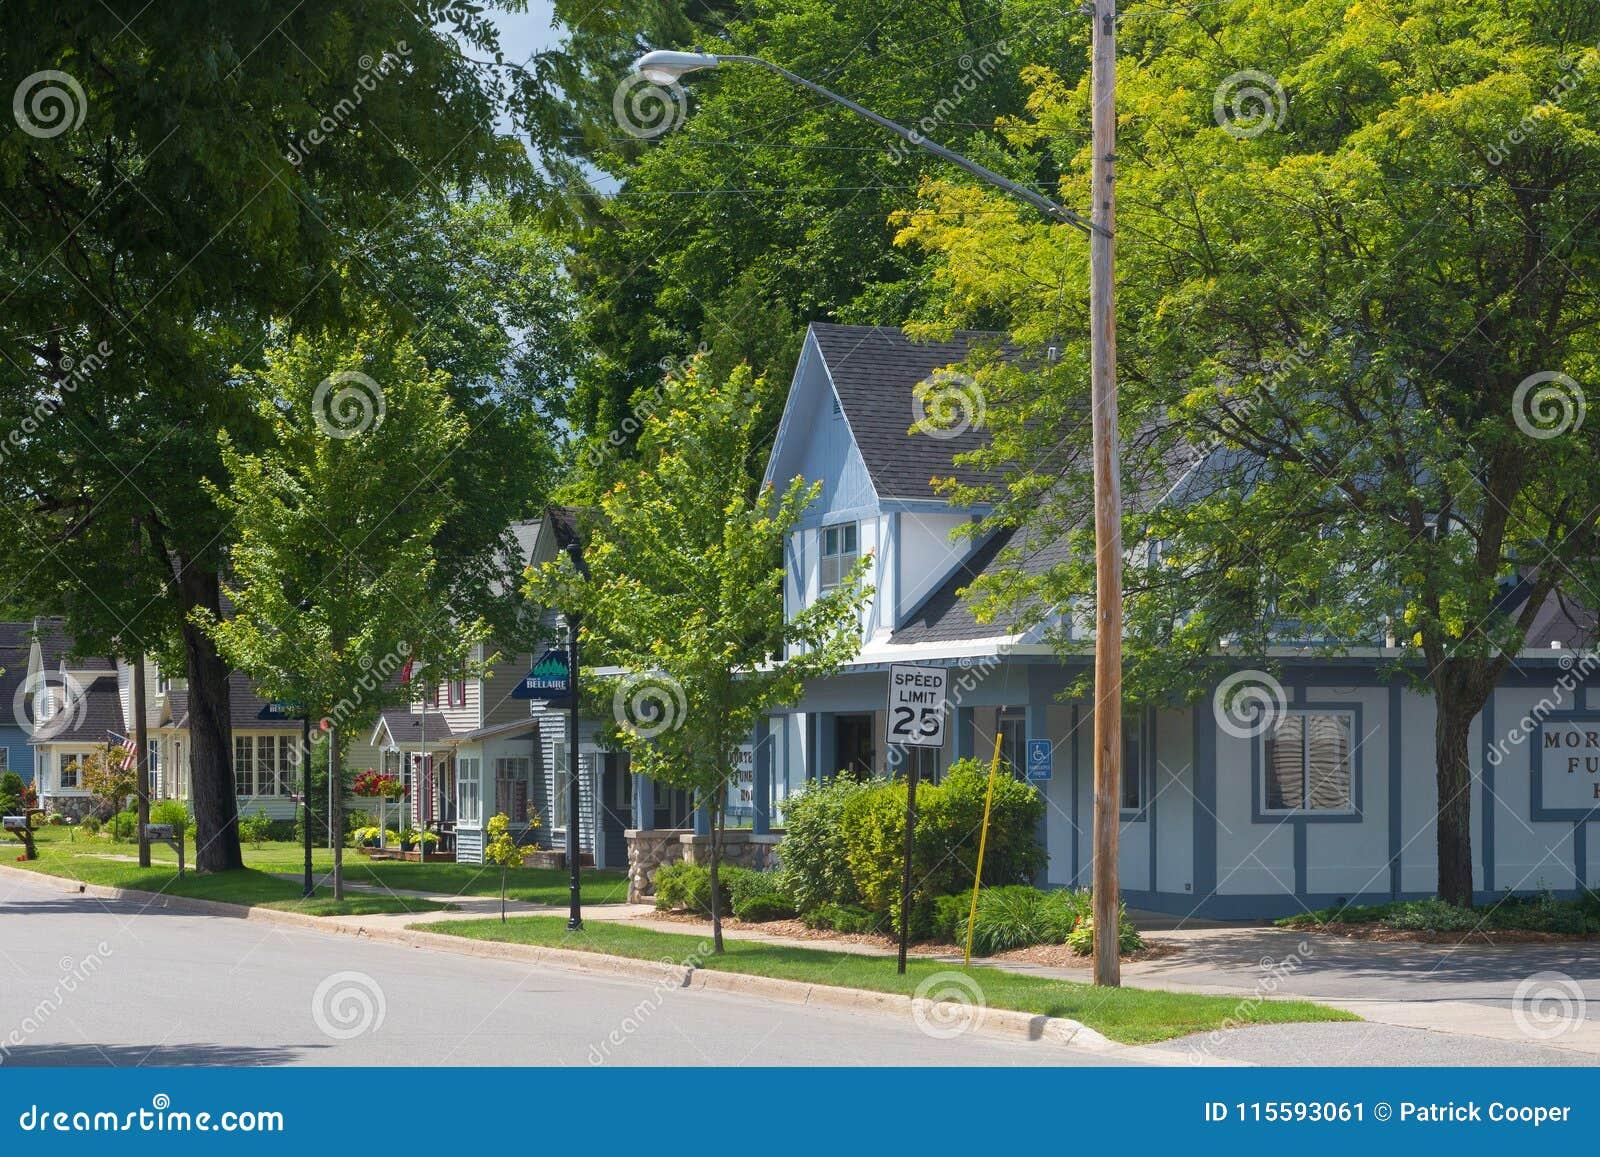 Row of houses on suburban street